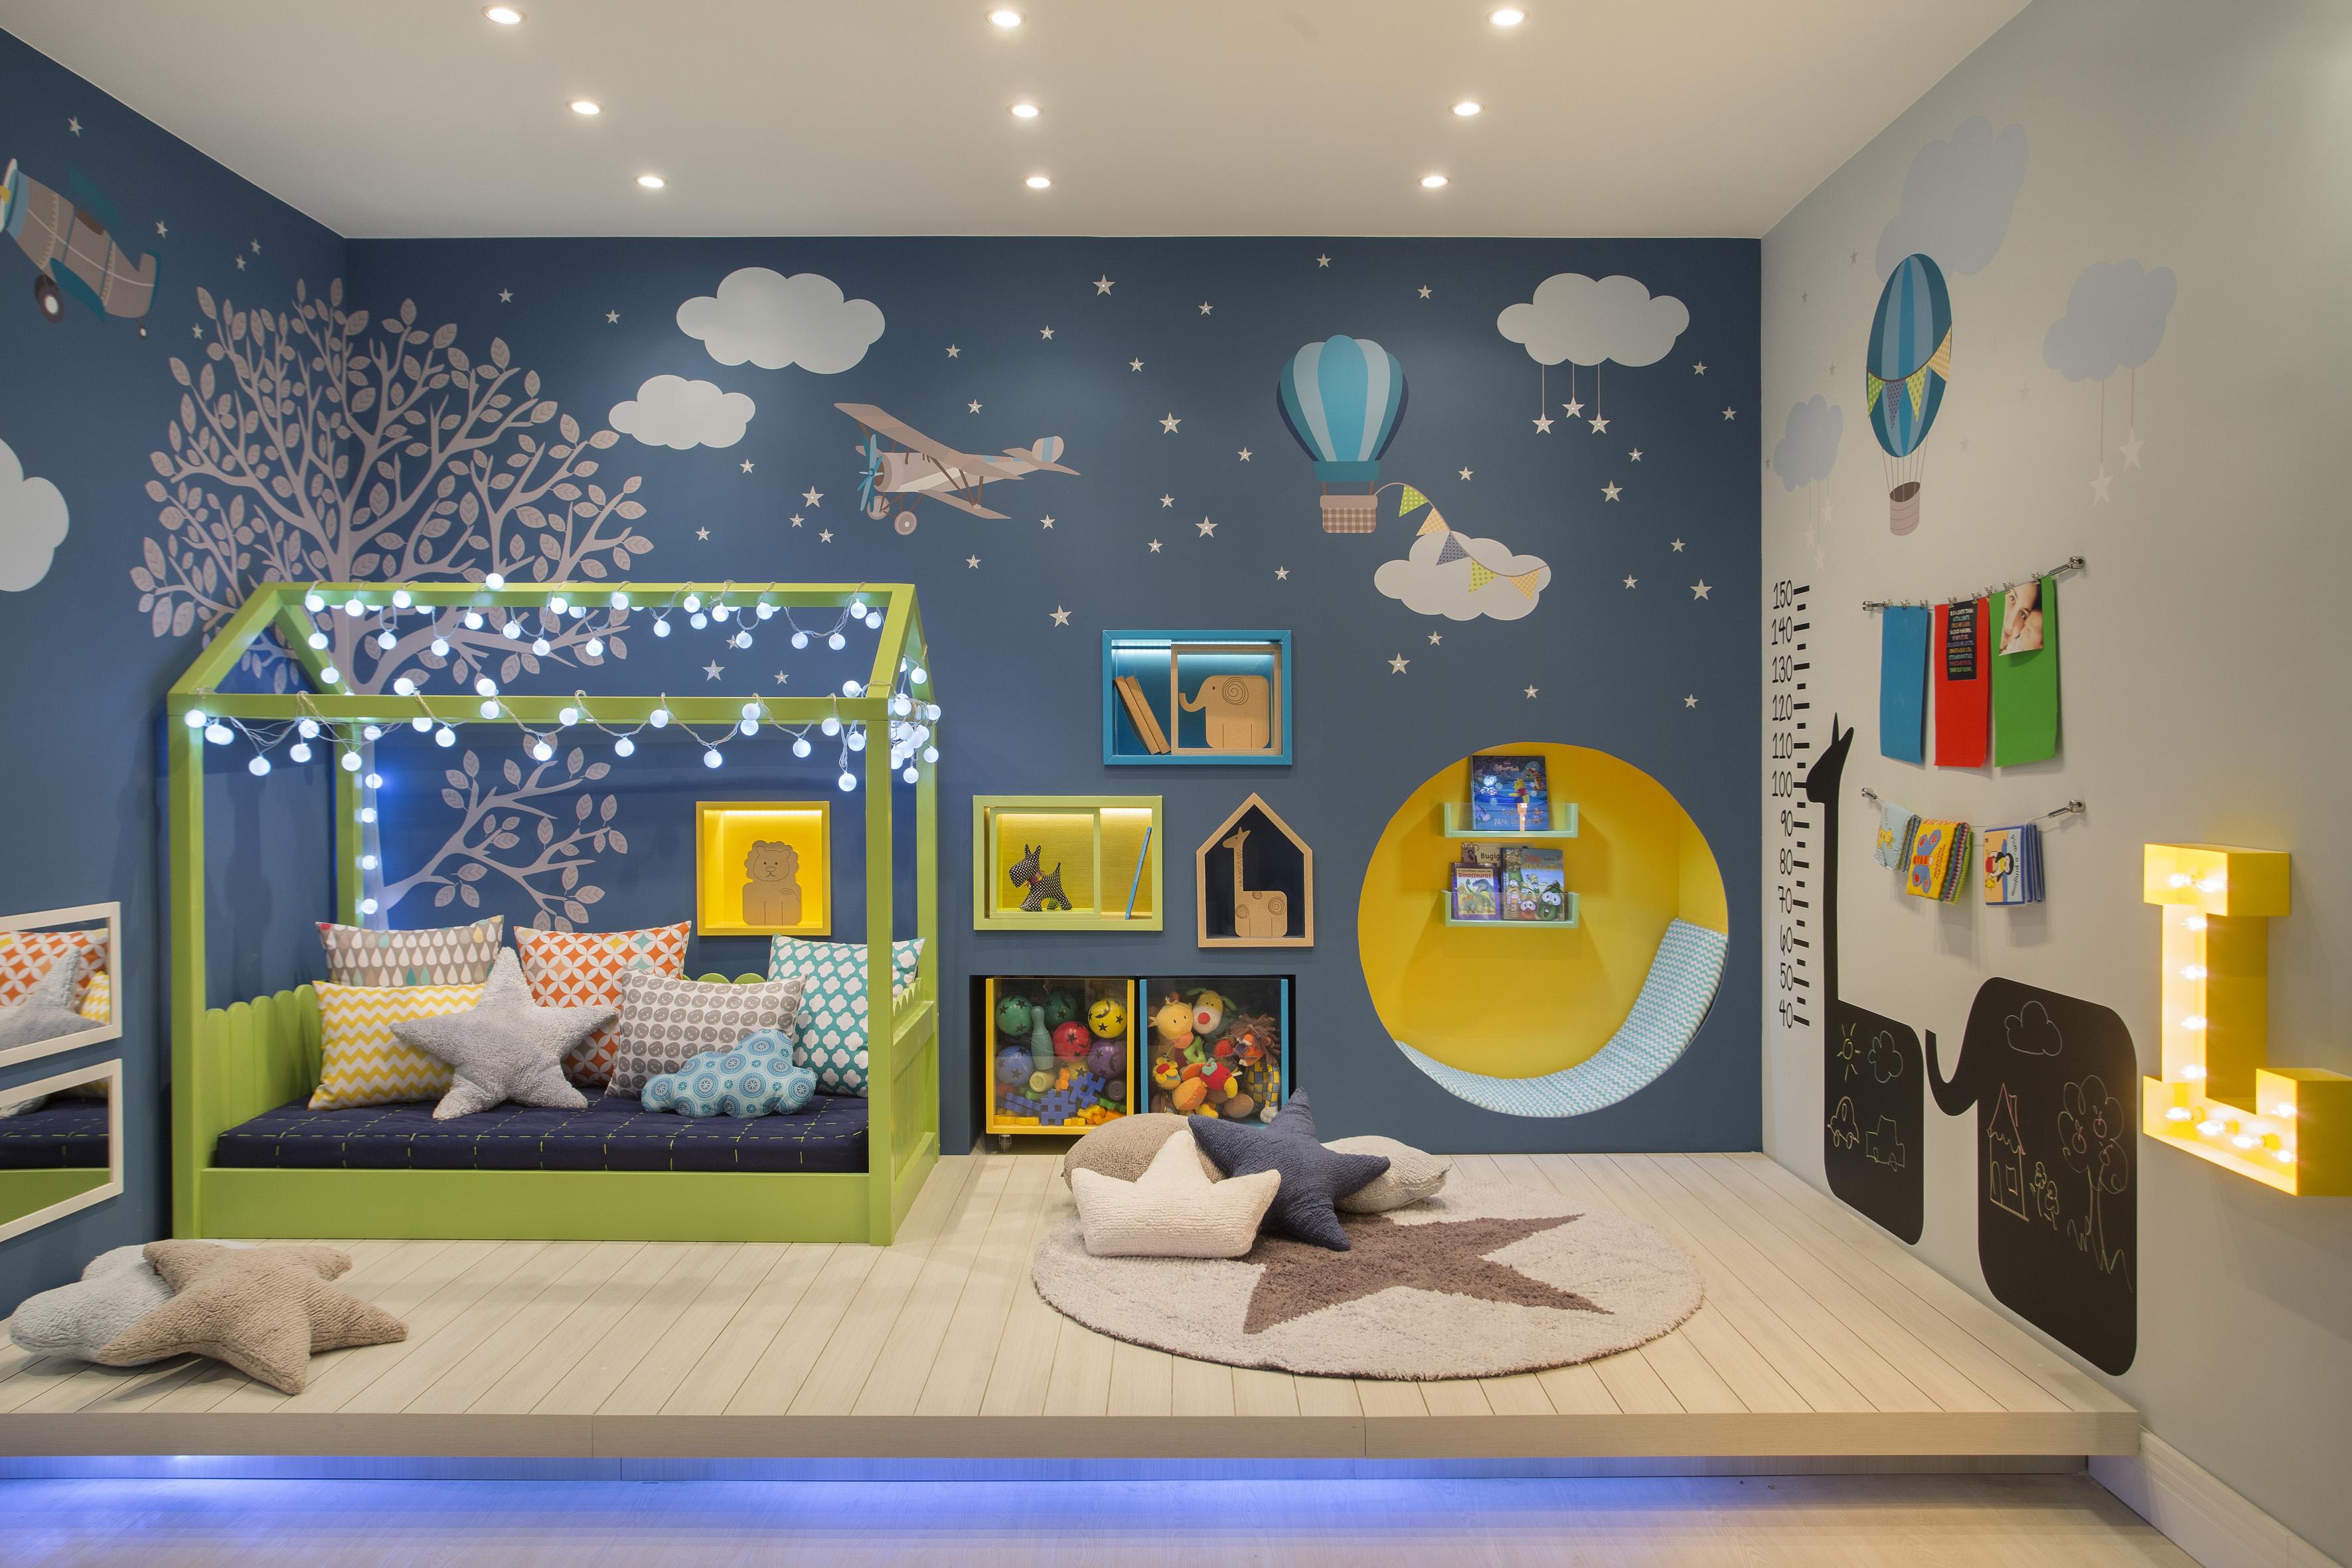 Bậc phụ huynh có thể trang trí phòng ngủ cho bé trai bằng hình ảnh, con số, chữ cái sinh động, ngộ nghĩnh